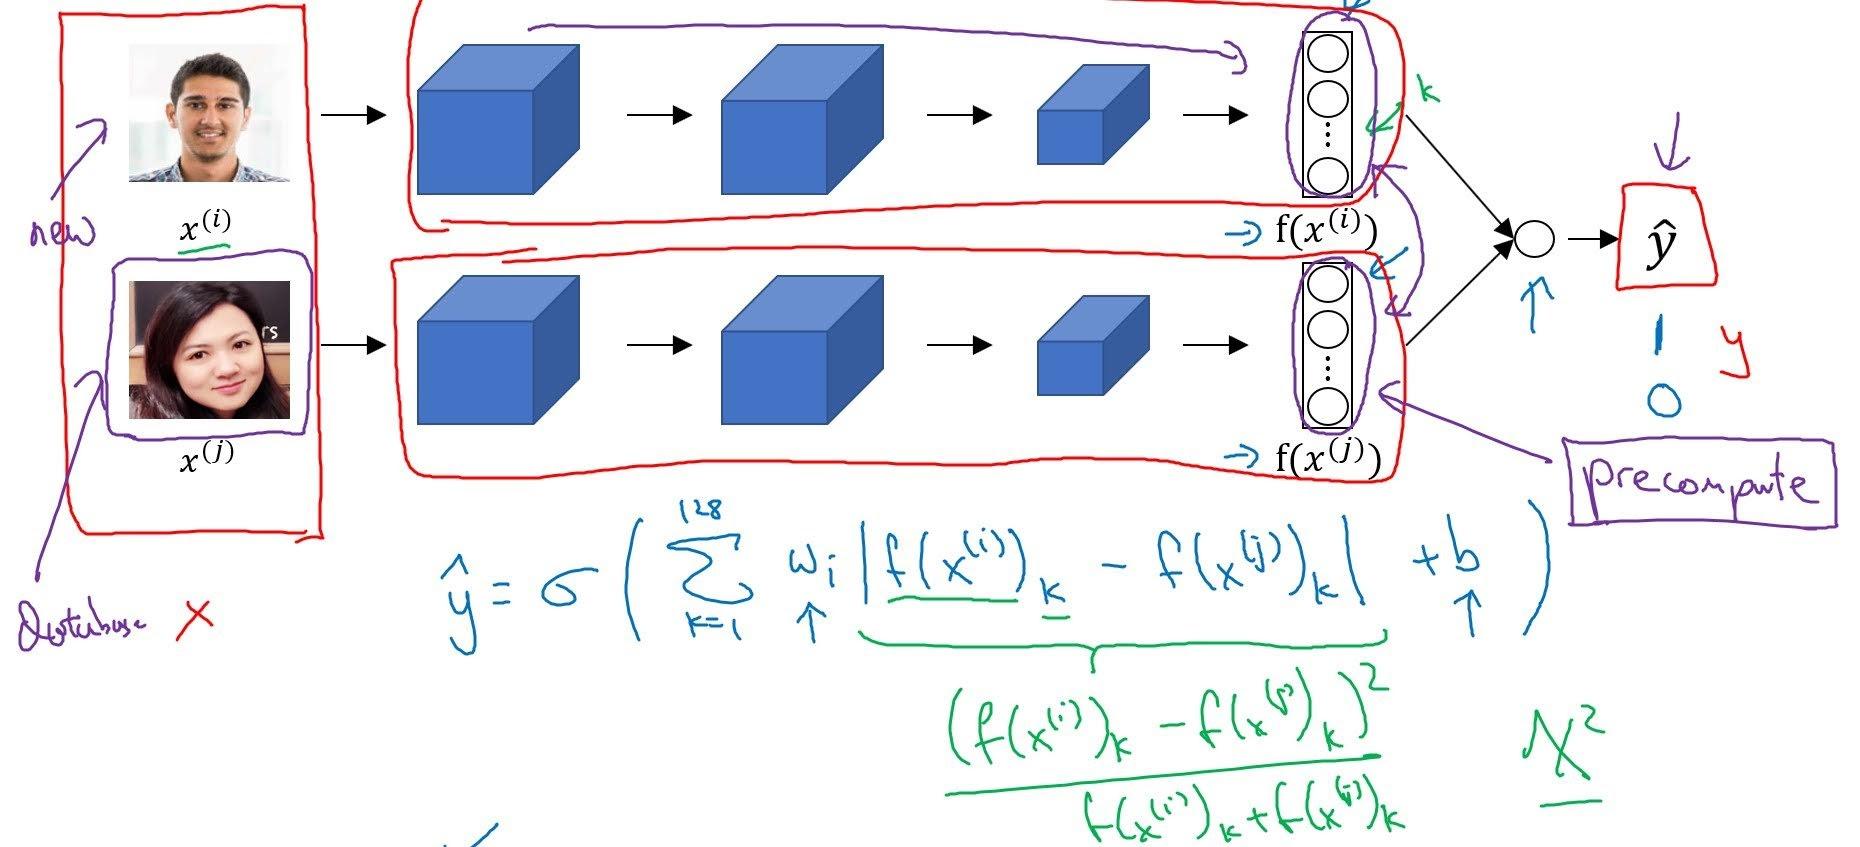 siameses binary classification